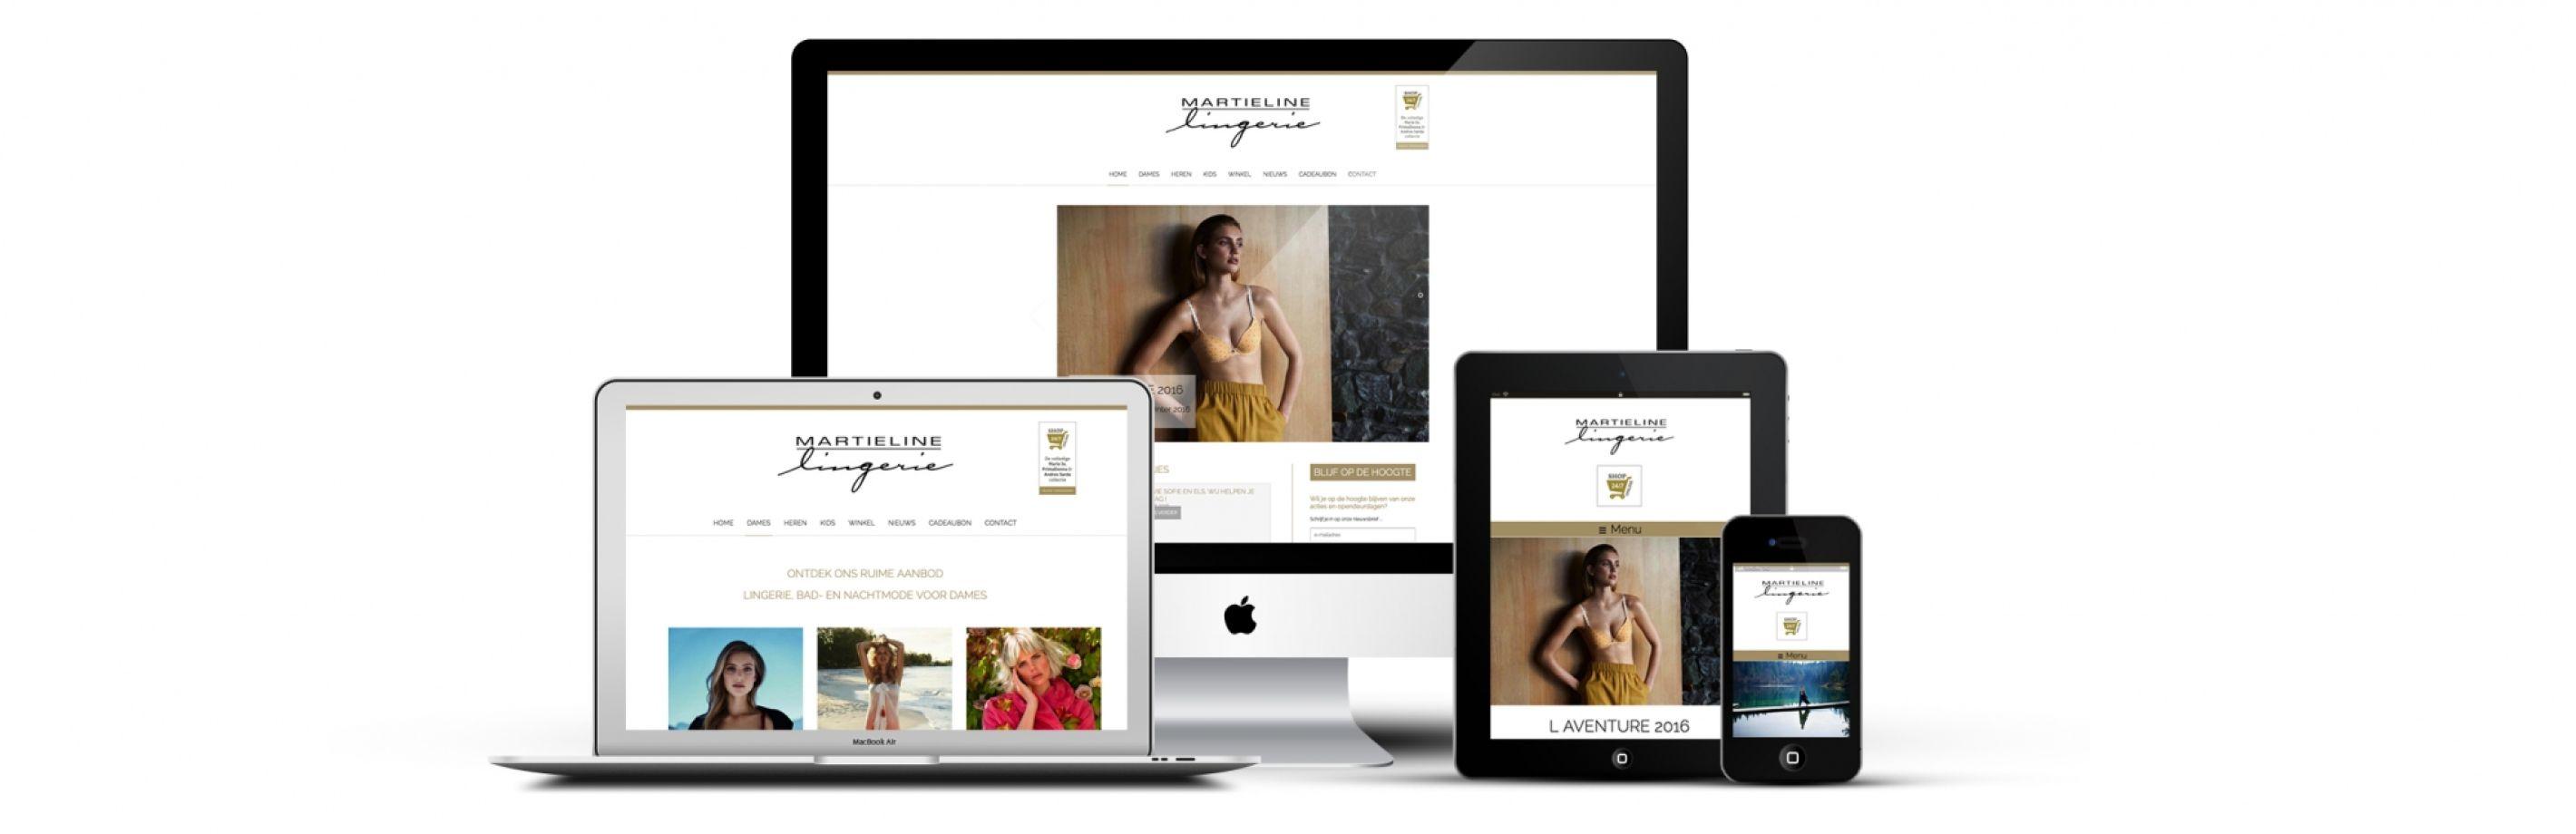 Lingerie Martieline Website Mockup